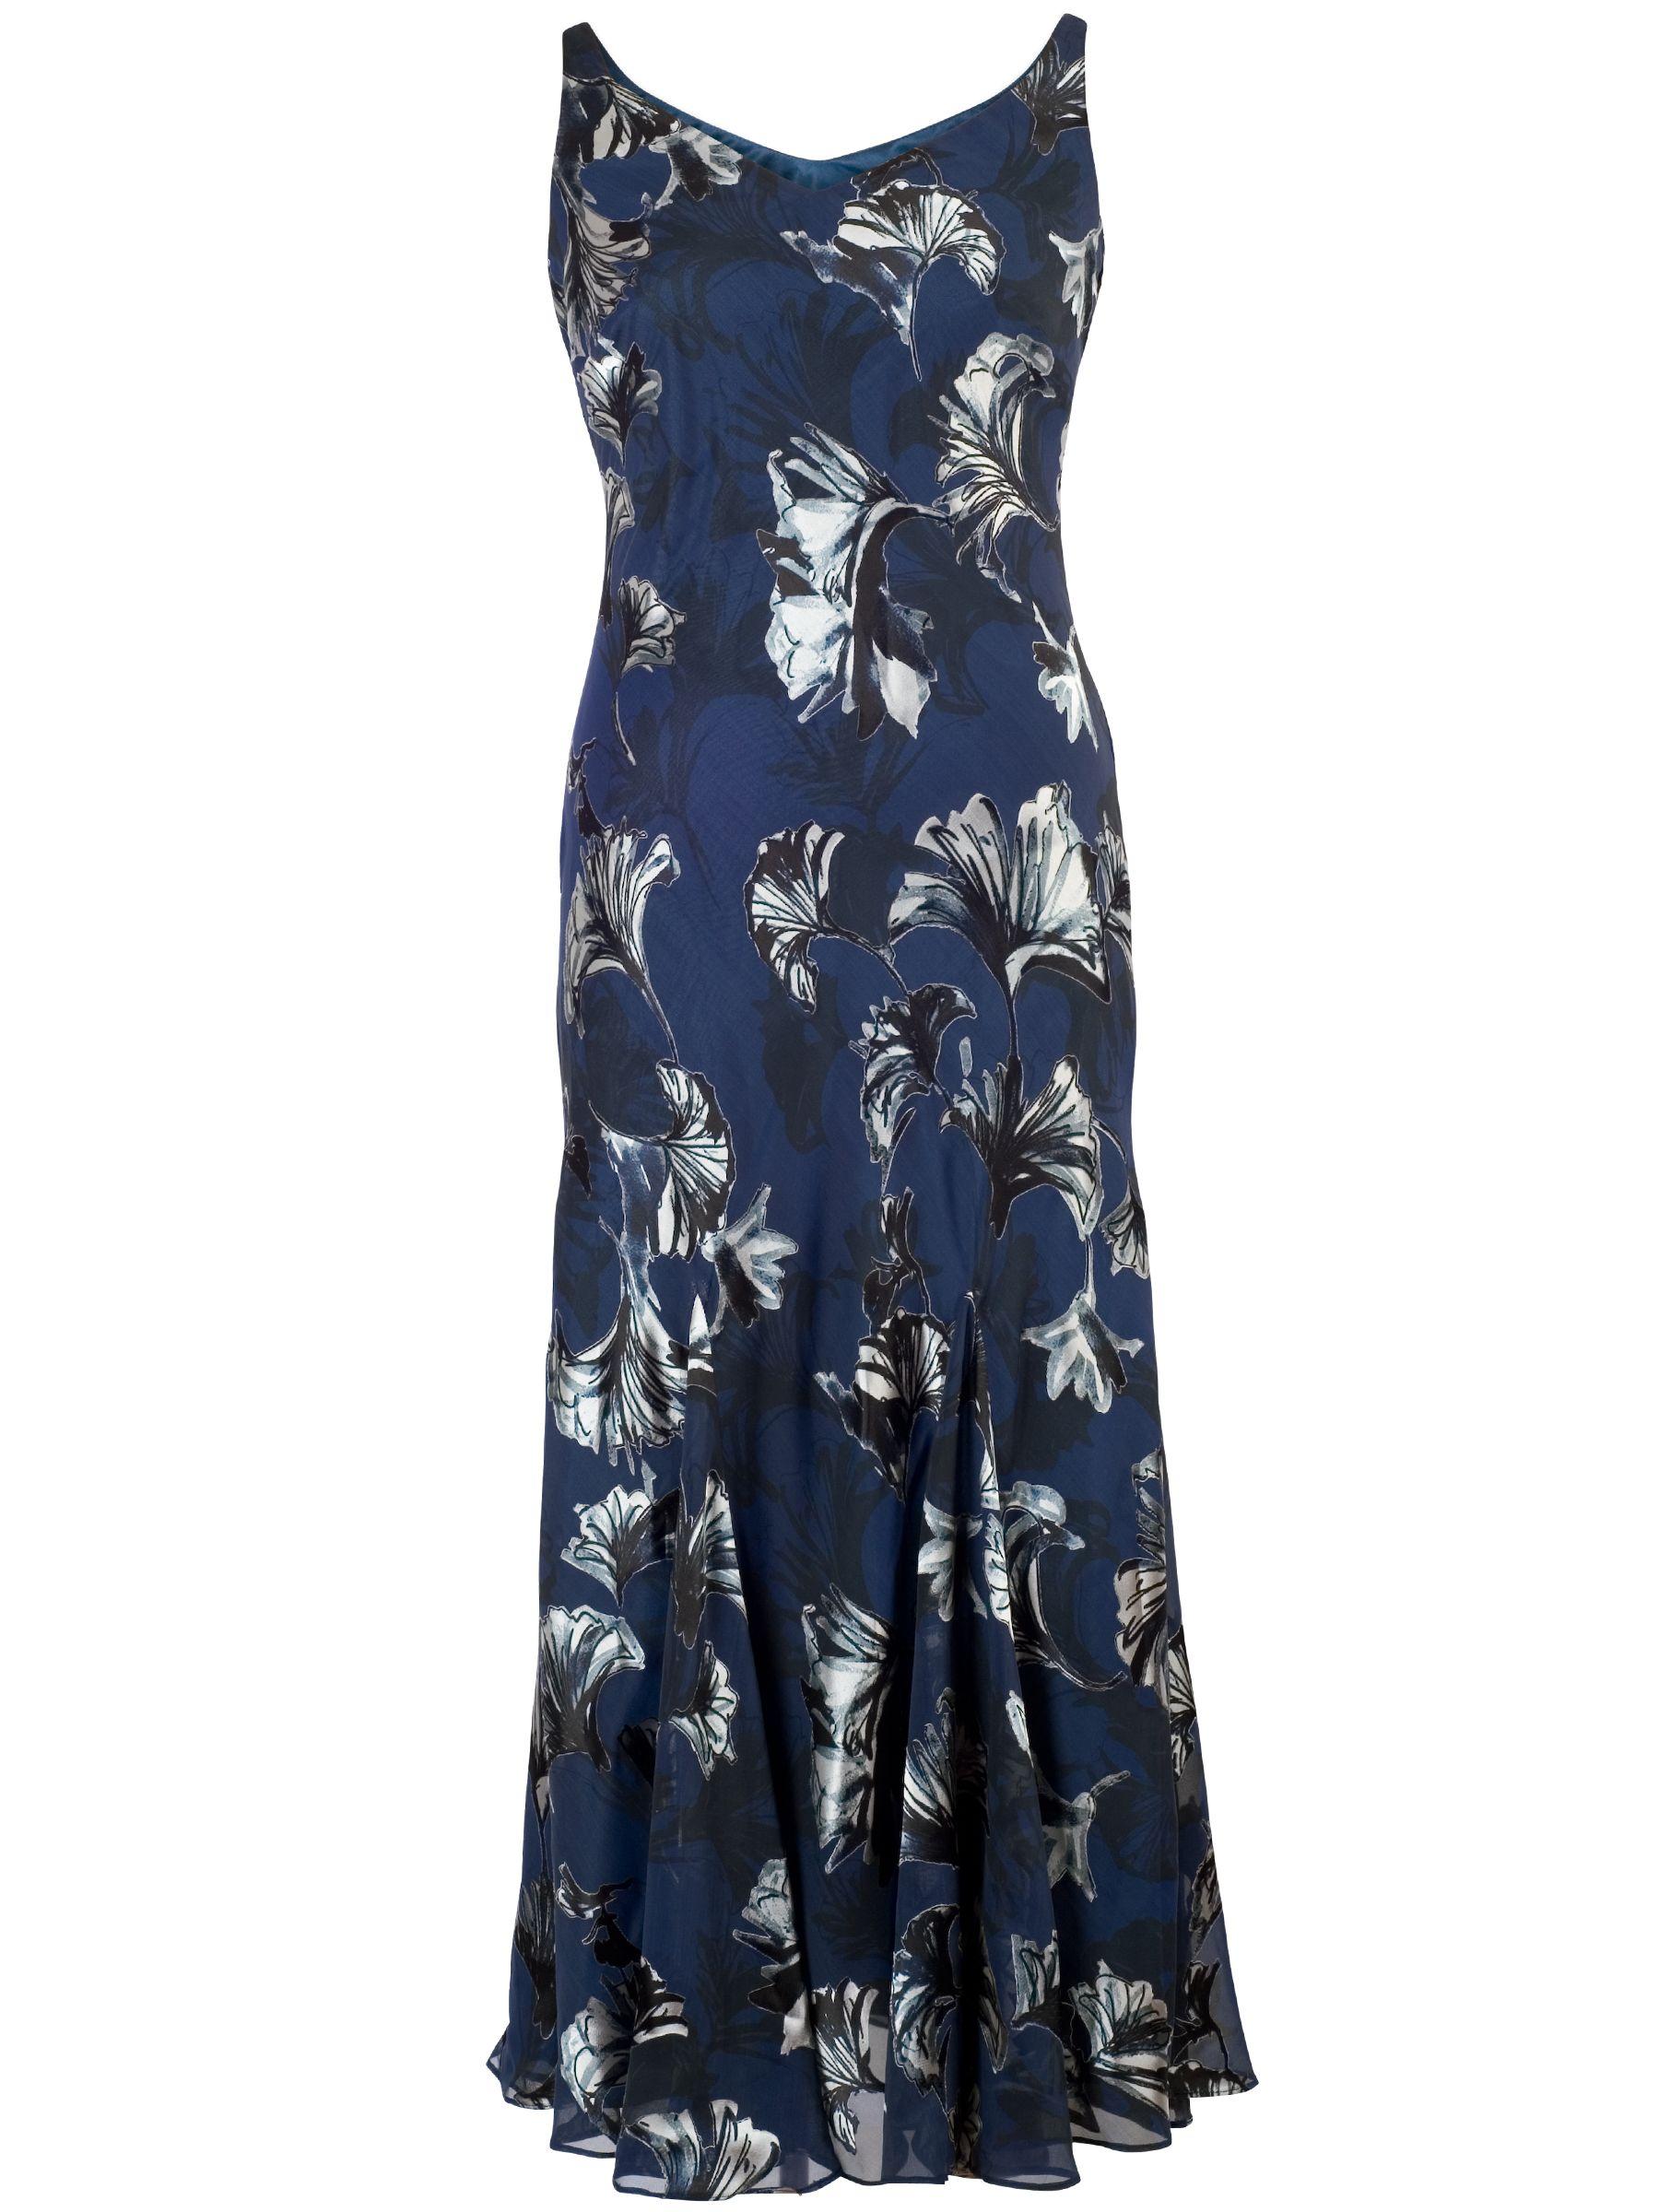 chesca fan print devoree dress navy, chesca, fan, print, devoree, dress, navy, 12|18|22|20|14|16|24, women, plus size, womens dresses, 1895693